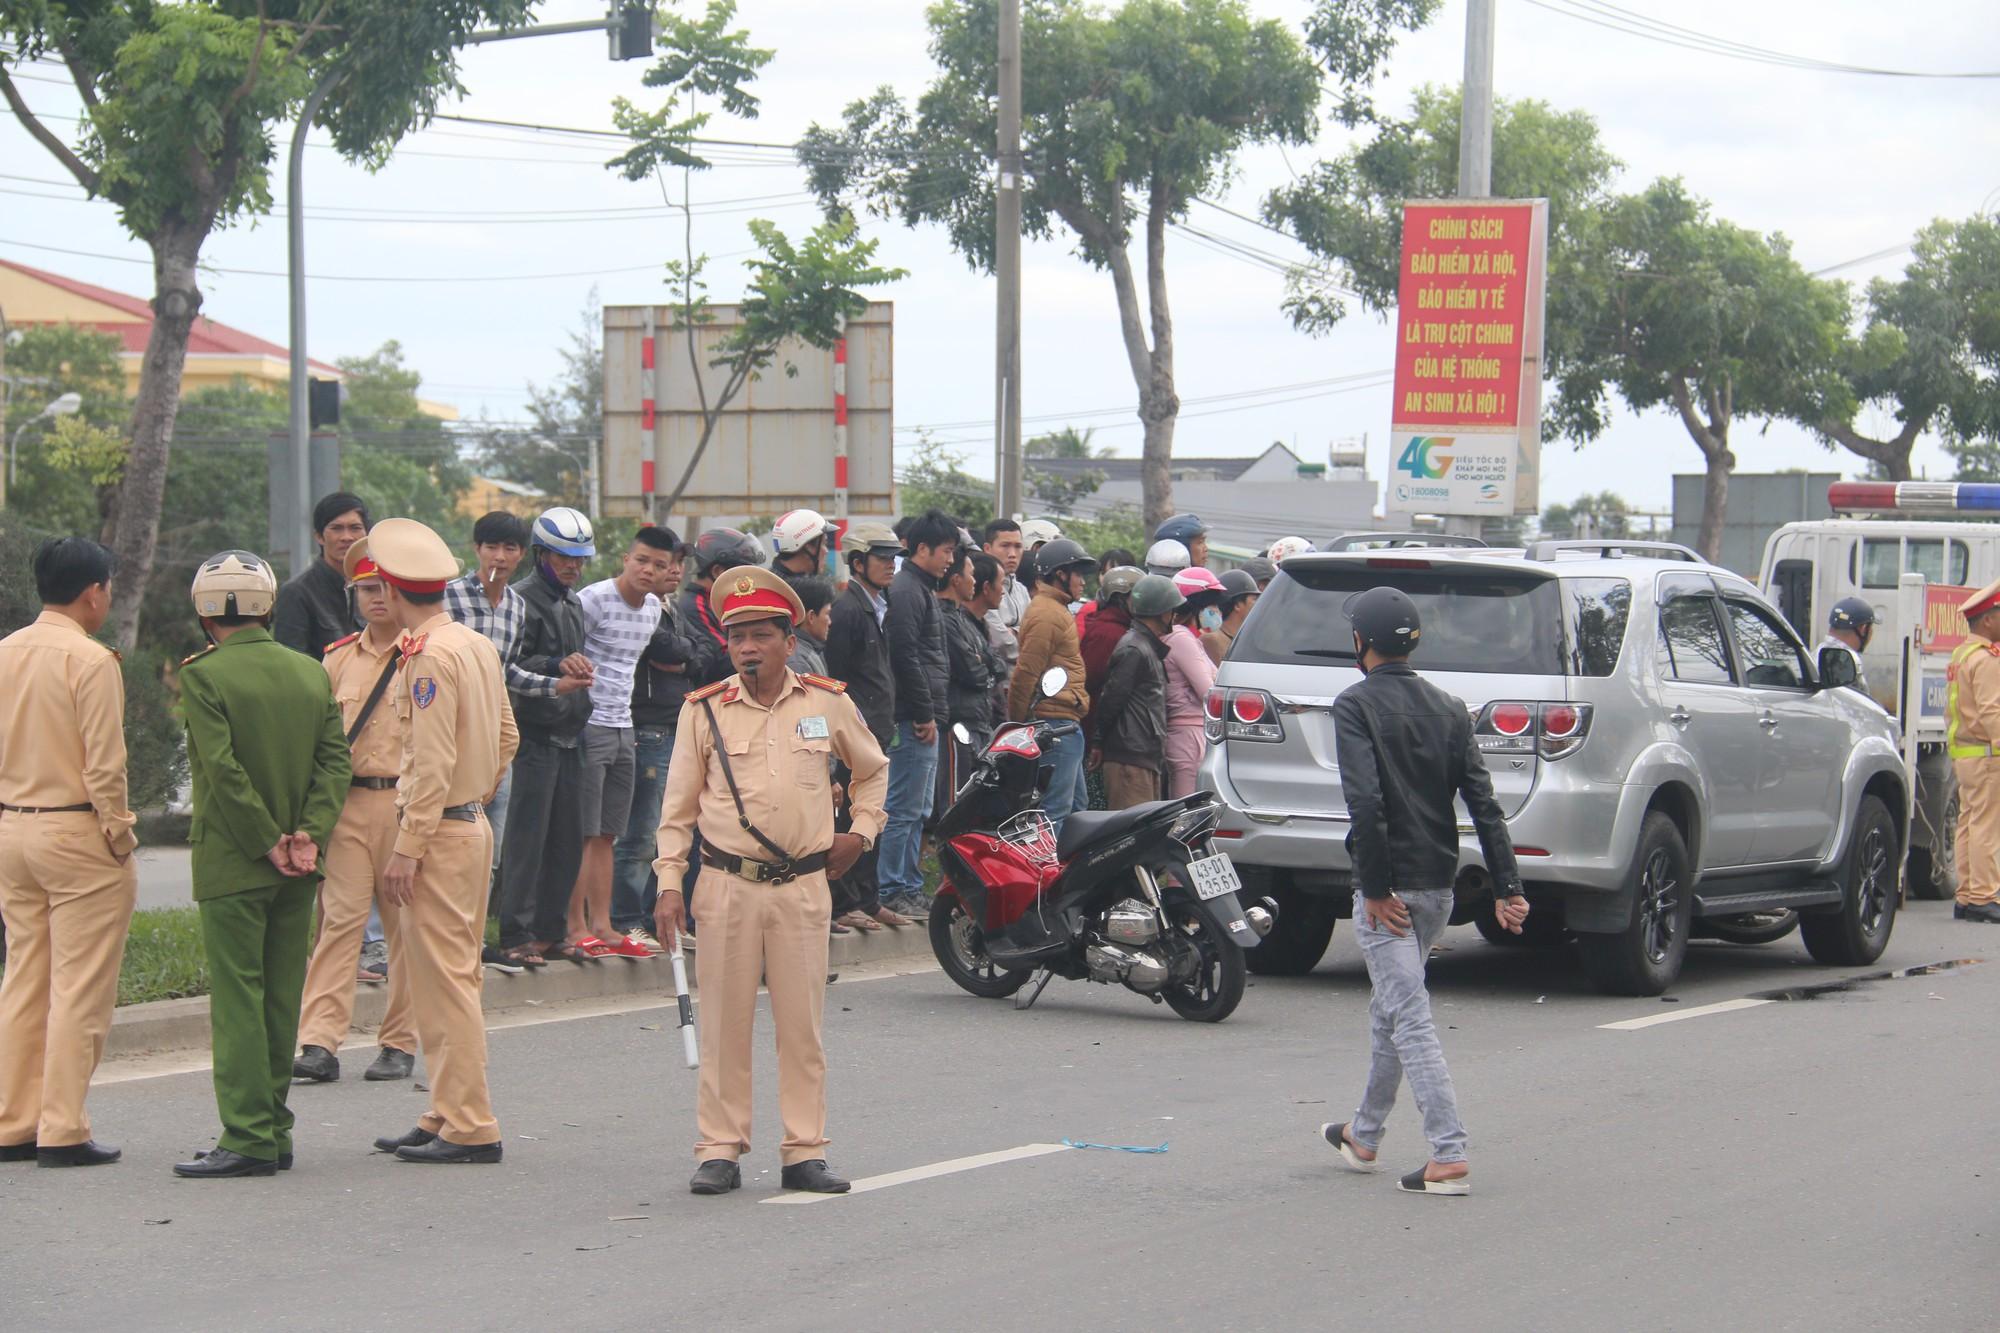 Đà Nẵng: Ô tô biển xanh va chạm với xe máy, người đàn ông chết thương tâm 3